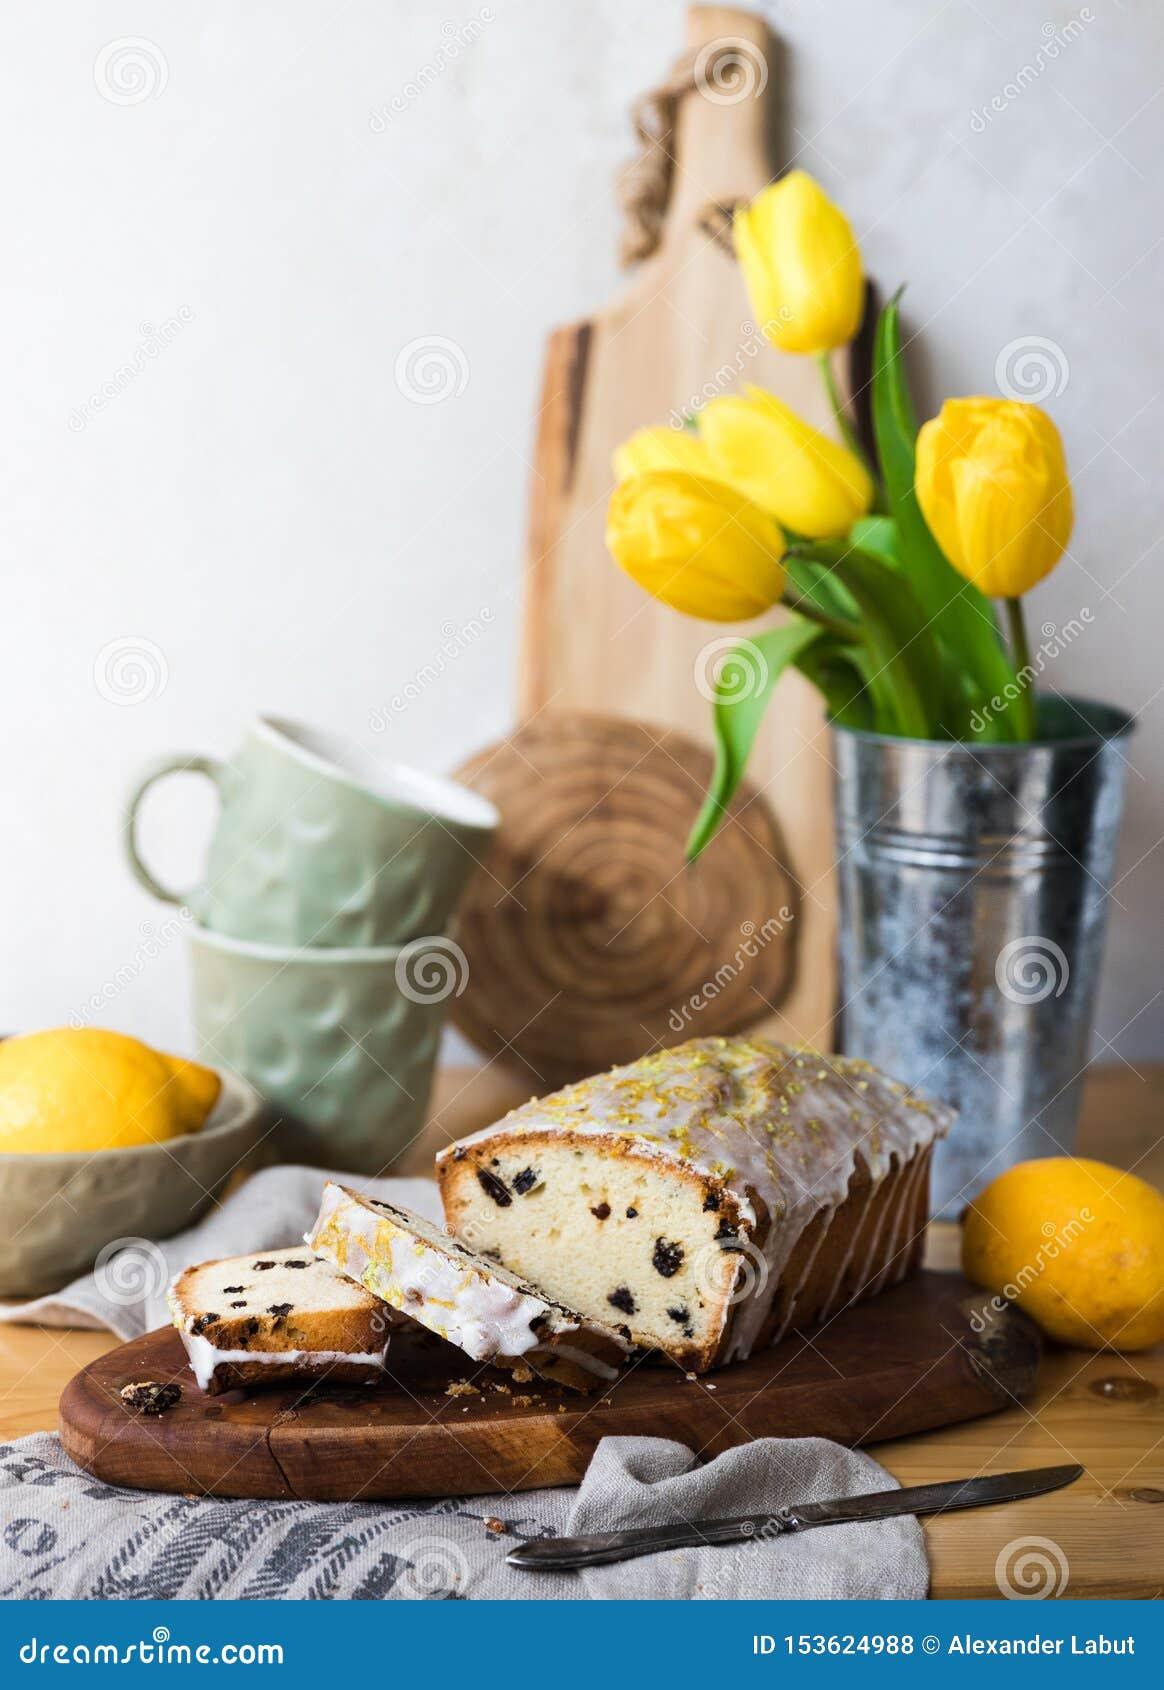 Rosinenkuchen auf einem hölzernen Brett mit Zitrone und gelben Tulpen